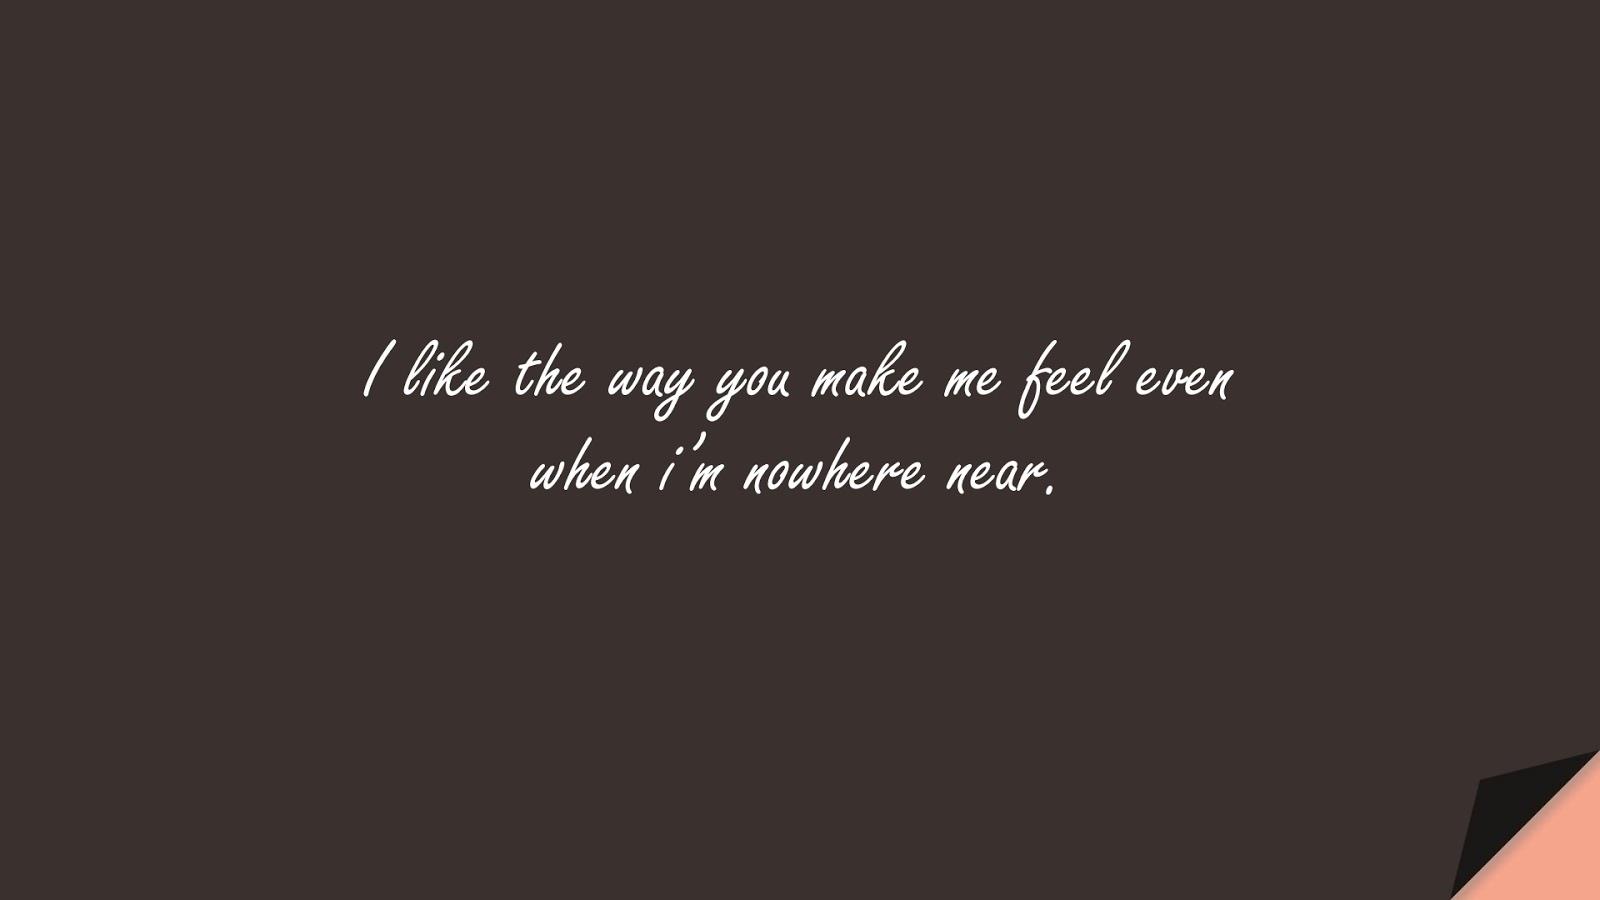 I like the way you make me feel even when i'm nowhere near.FALSE